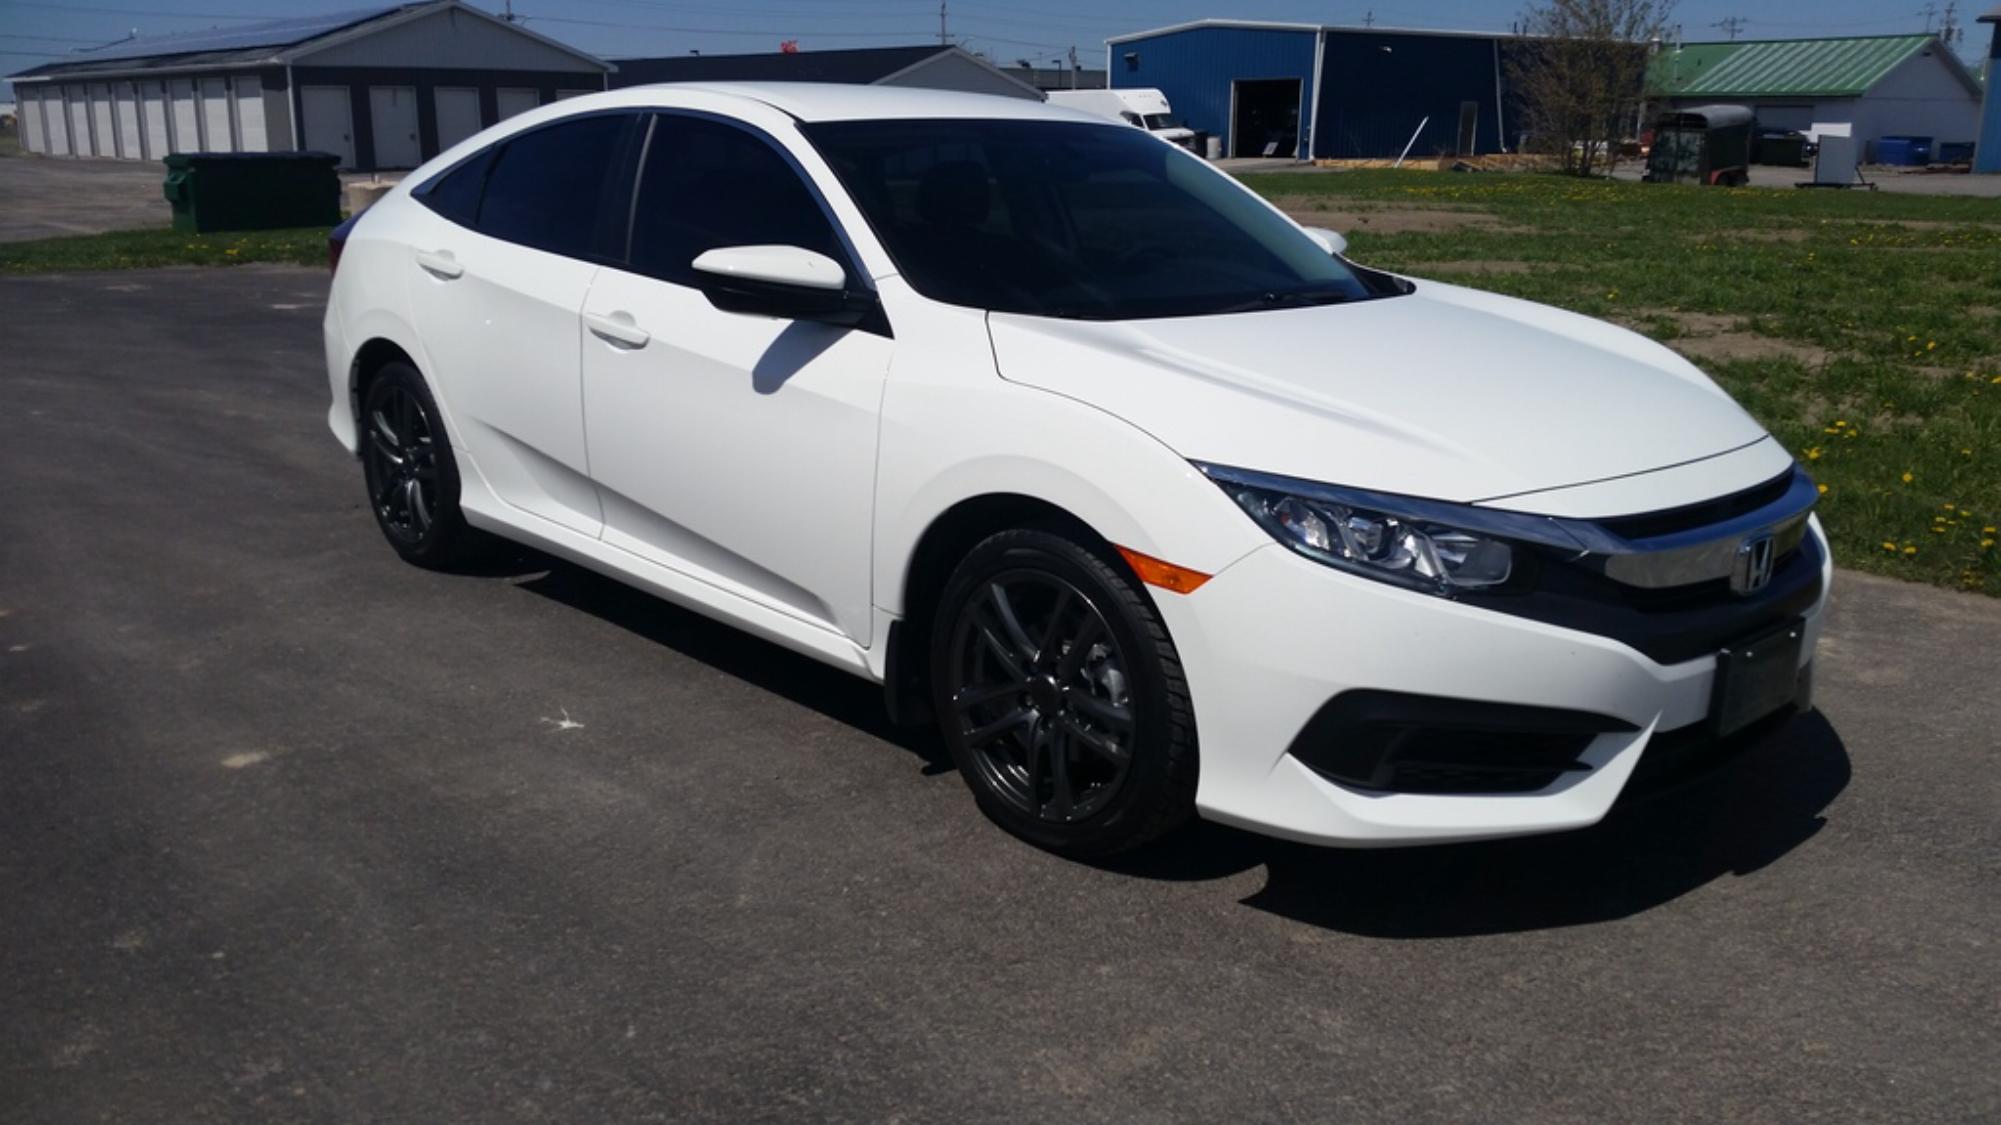 White 2016 Honda Civic With Dark Window Tint And Black Rims